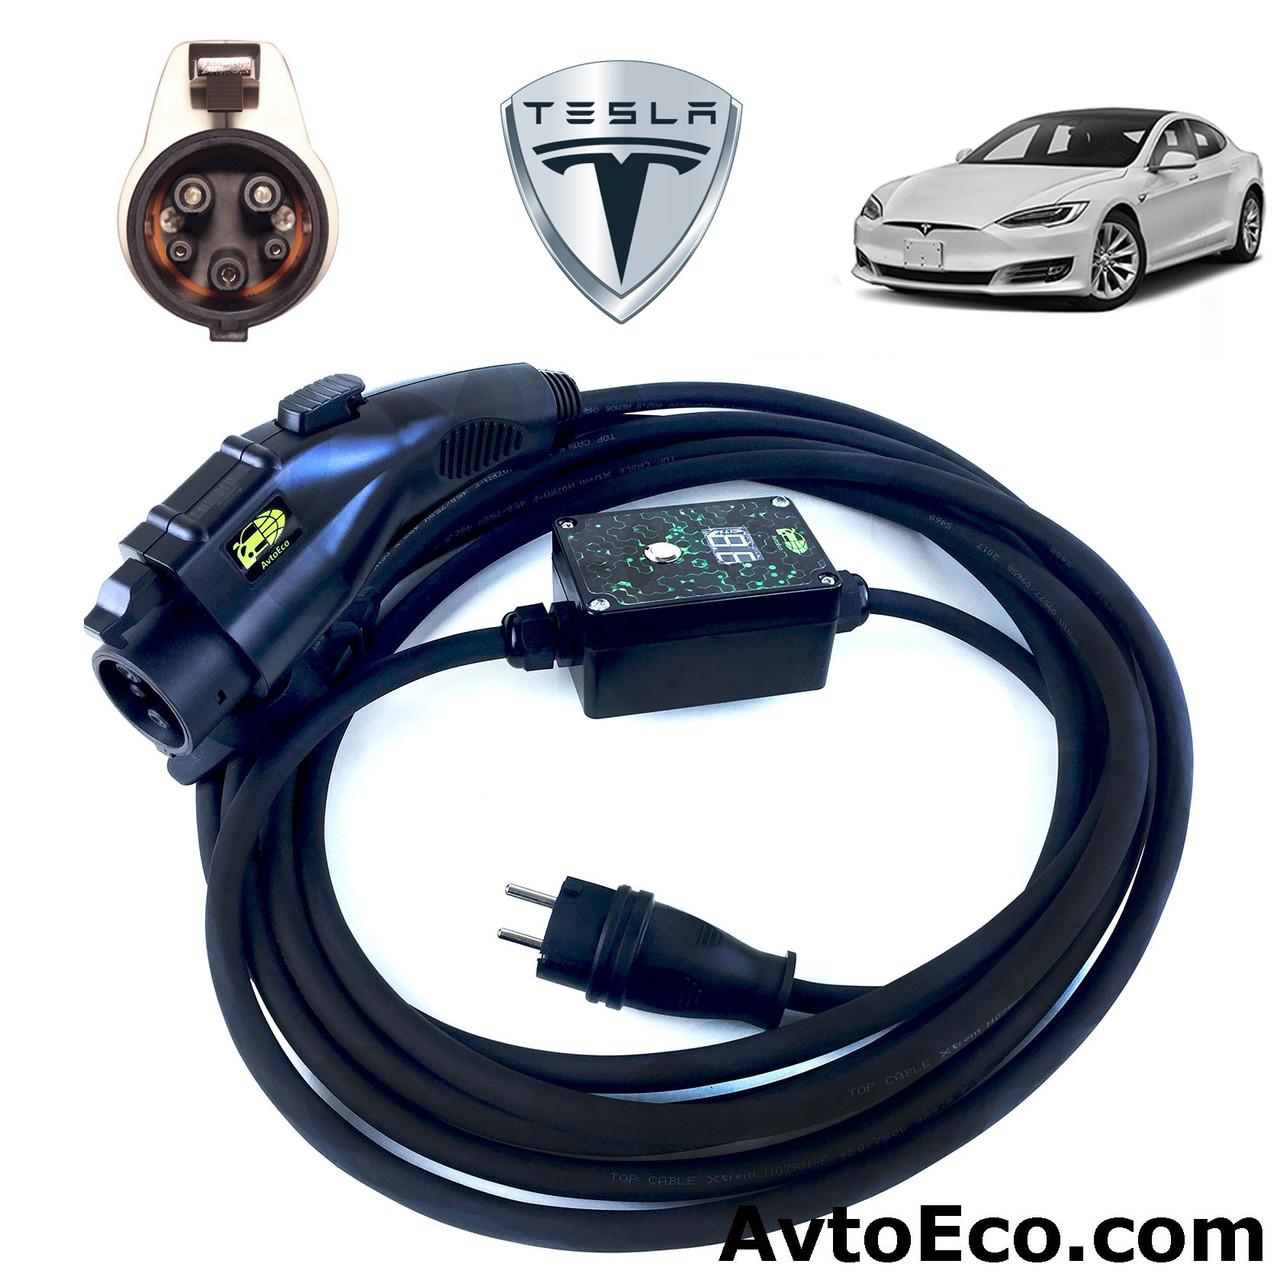 Зарядное устройство для электромобиля Tesla Model S AutoEco J1772-16A-BOX